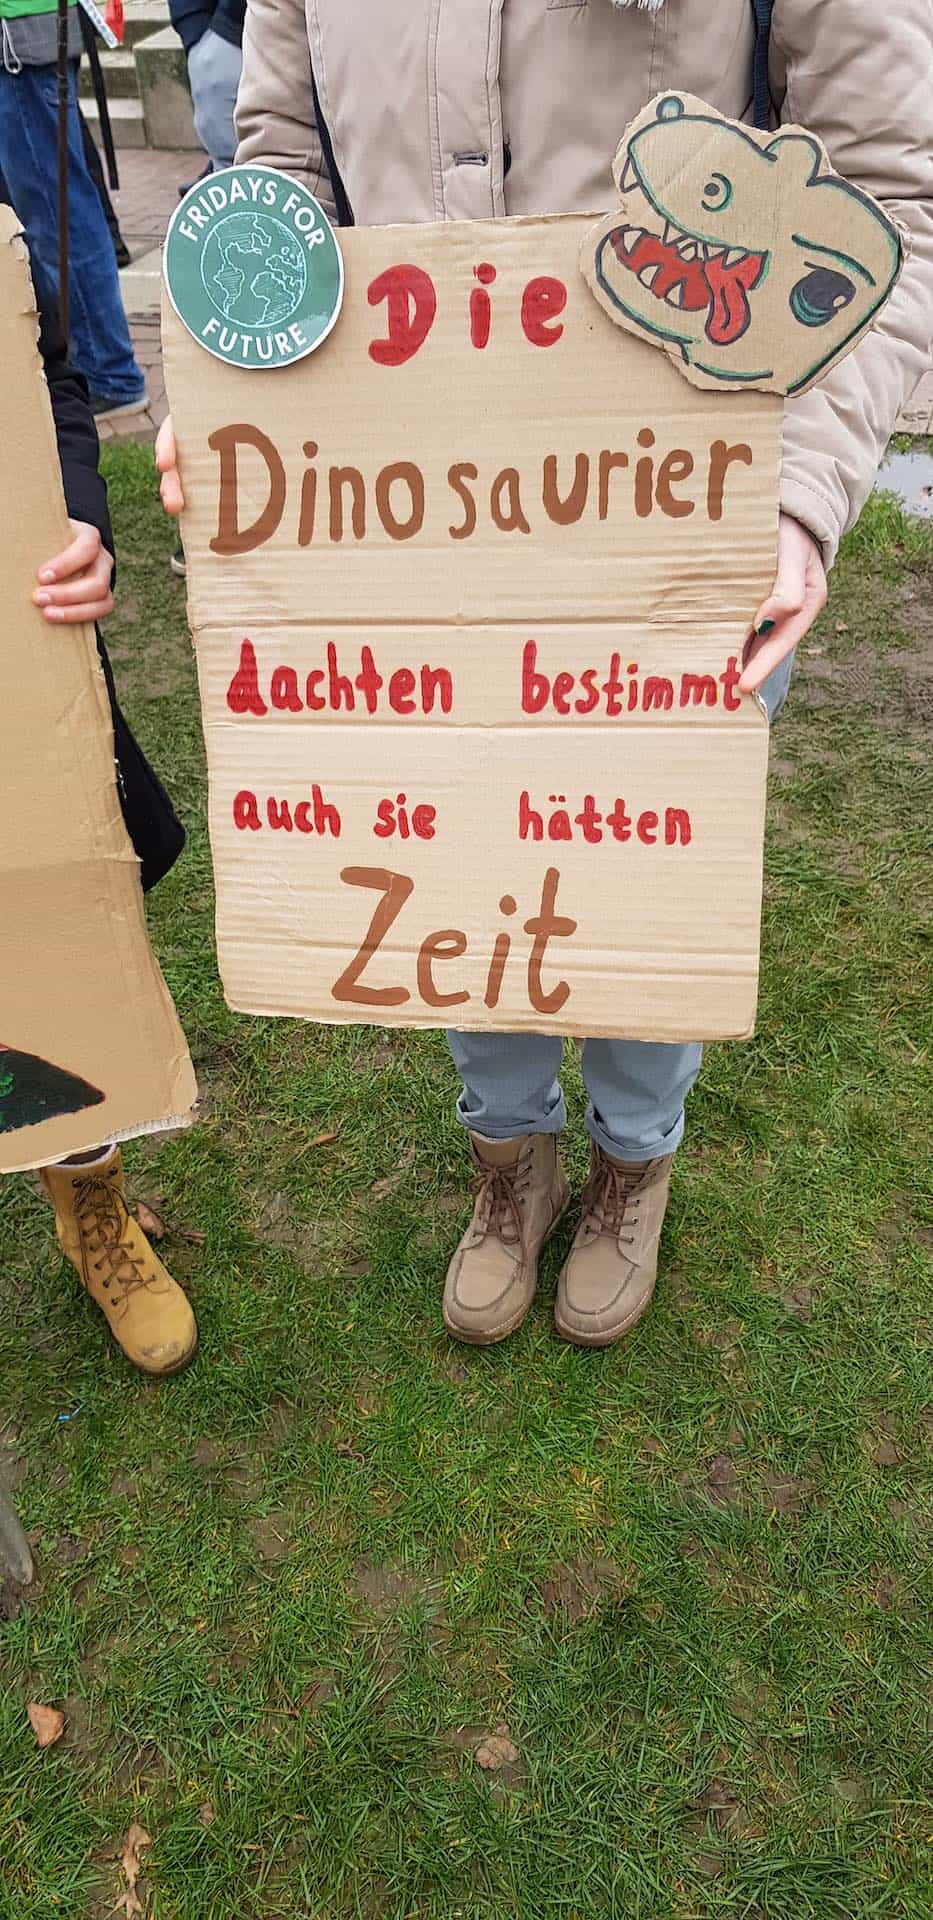 Die Dinosaurier dachten auch, sie hätten Zeit (c) Emma Kadach